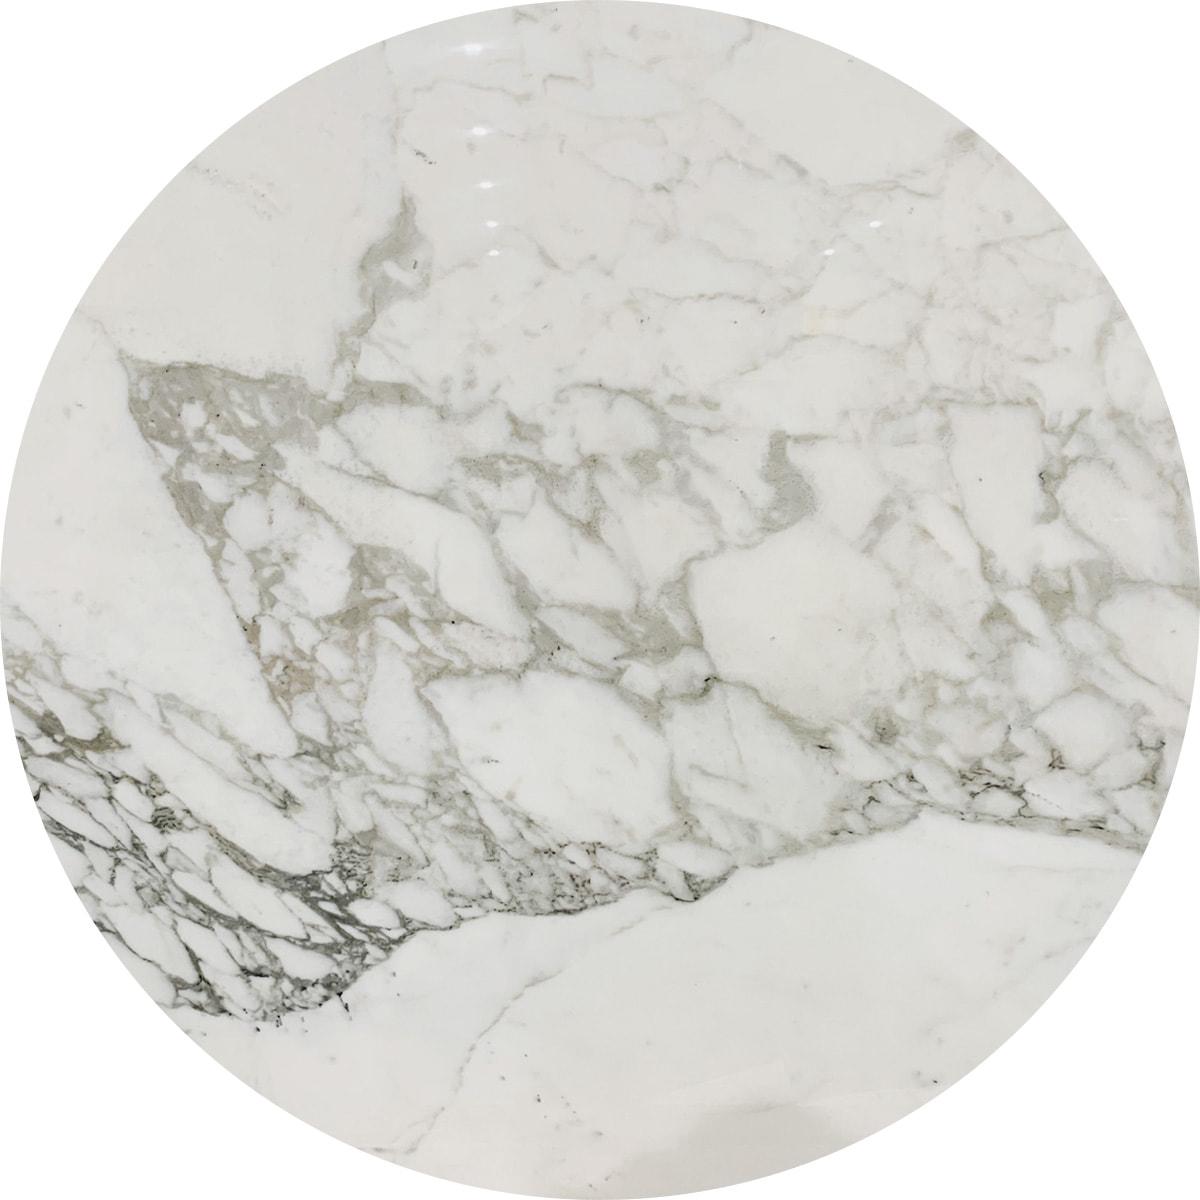 Saarinen Collection Round Tables(サーリネンテーブル) Φ1370mm アラベスカート 164TRMA2 (010)